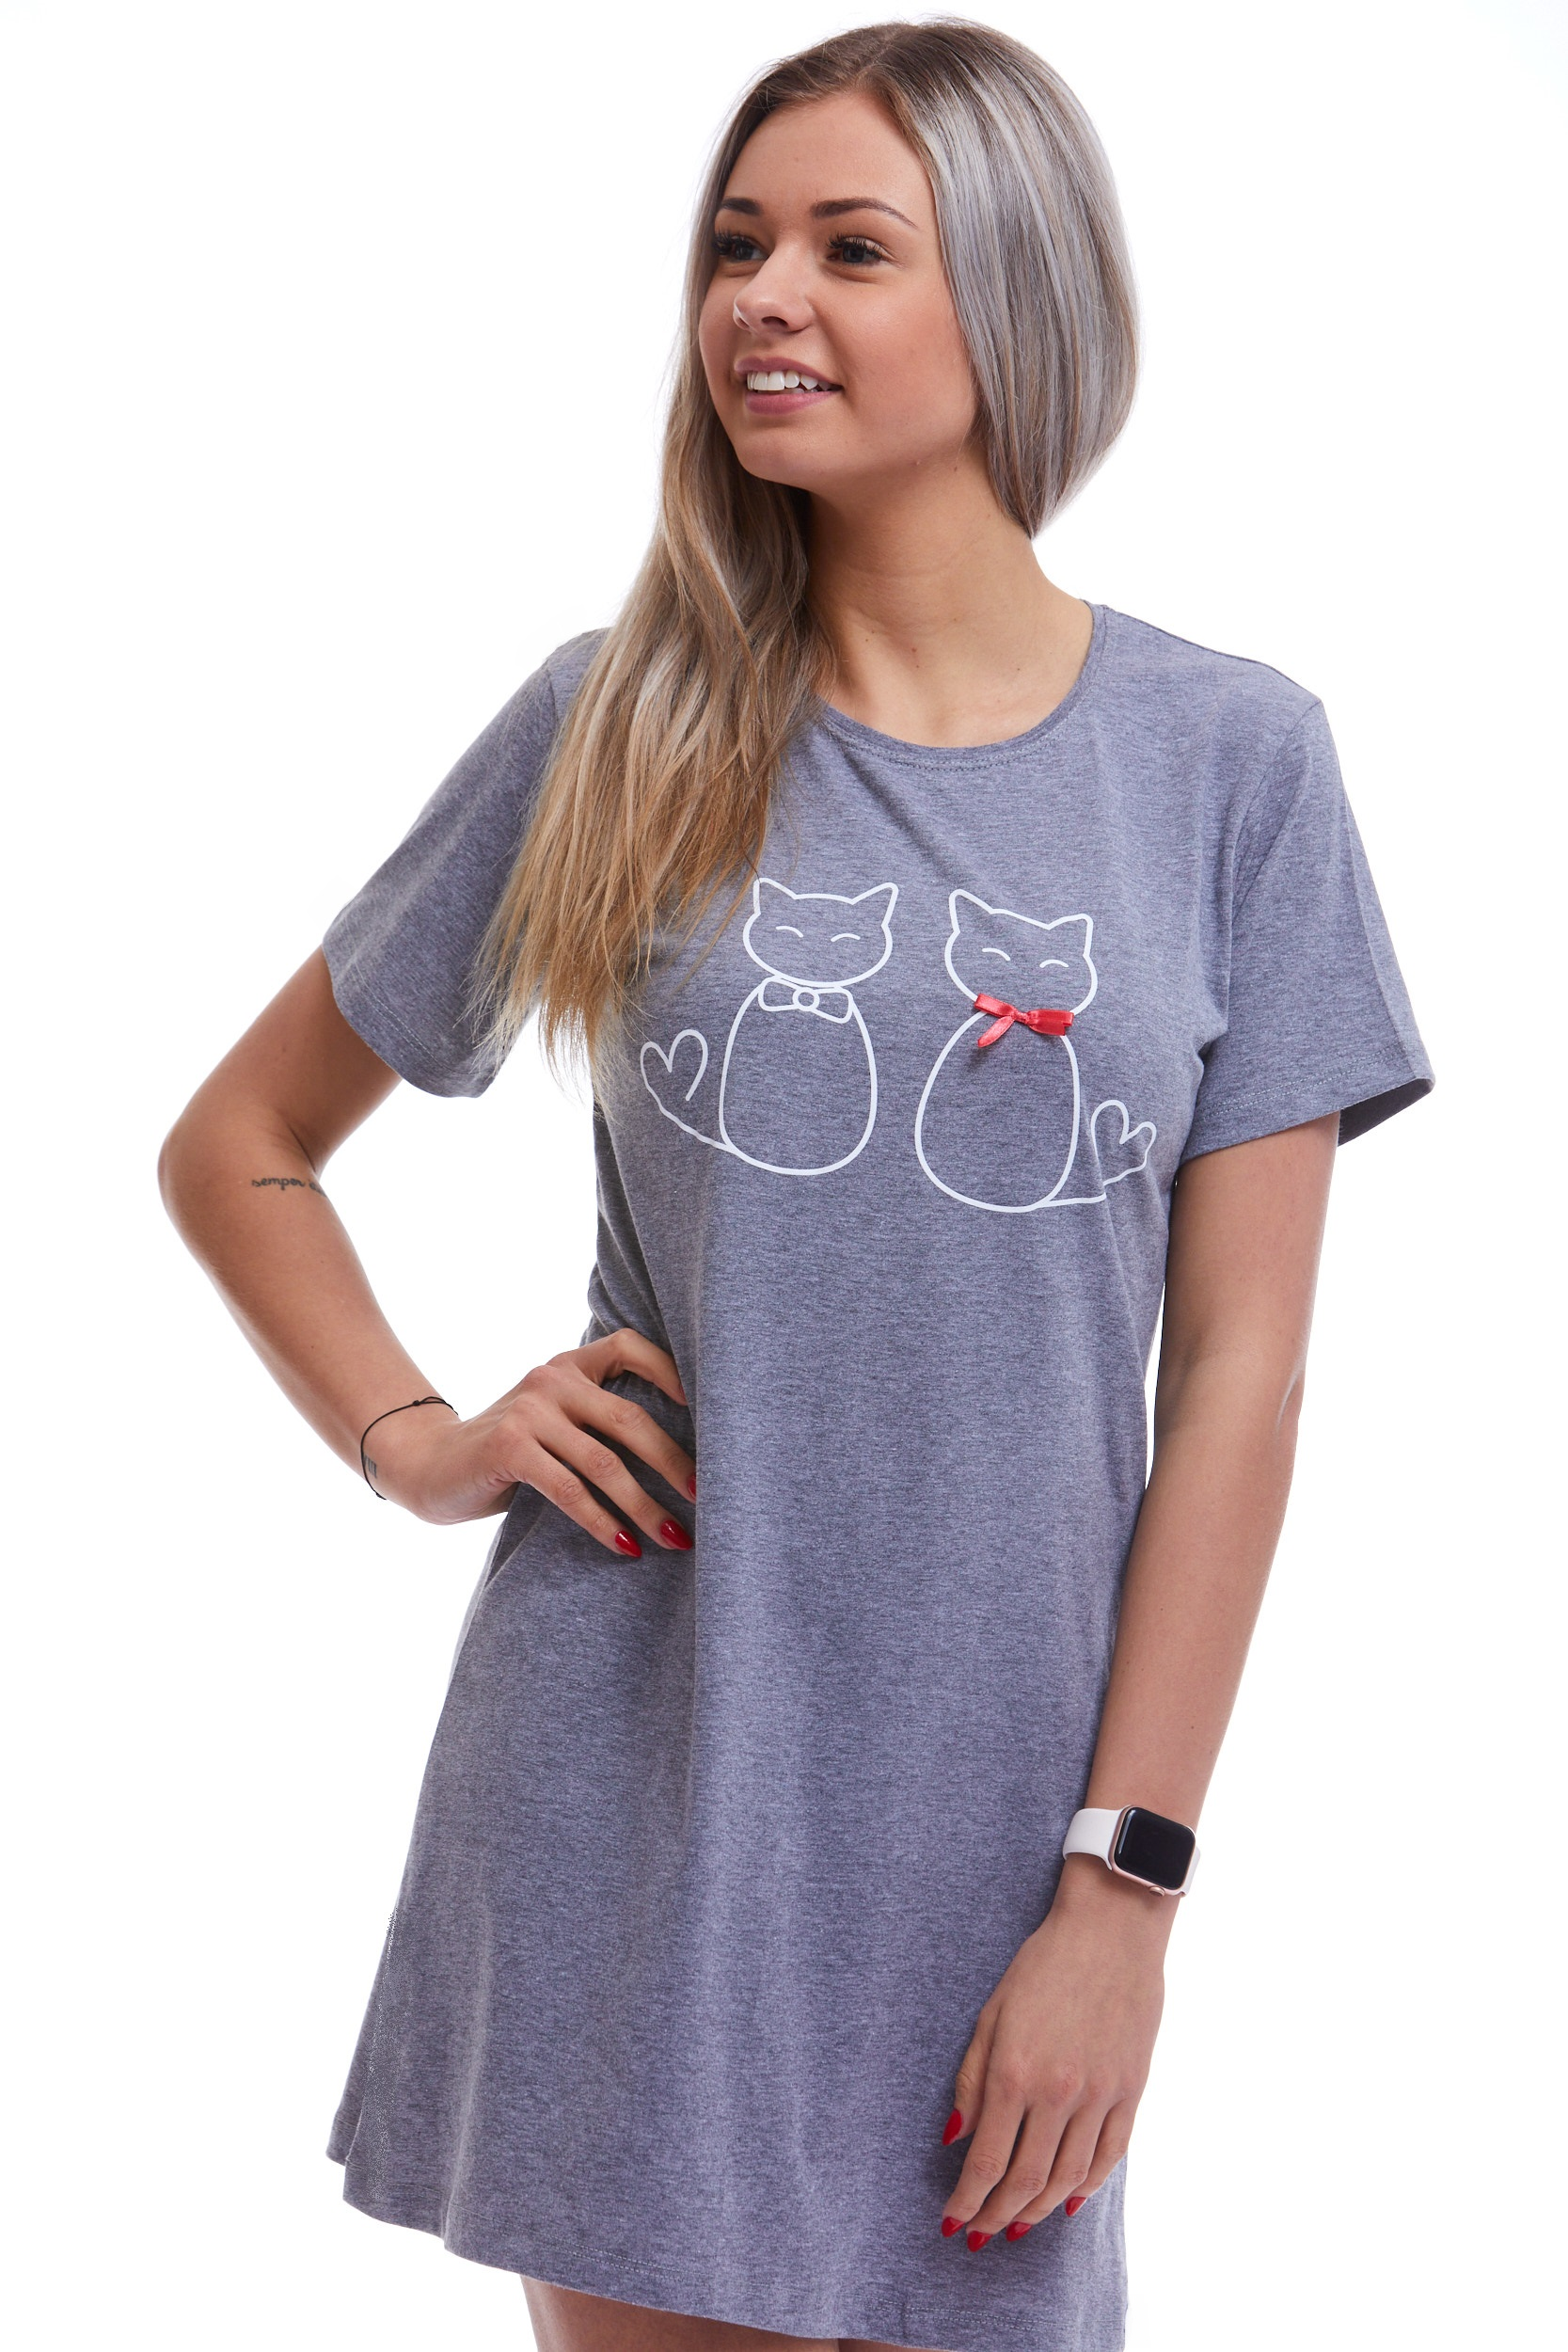 Spací triko pro ženu či dívku